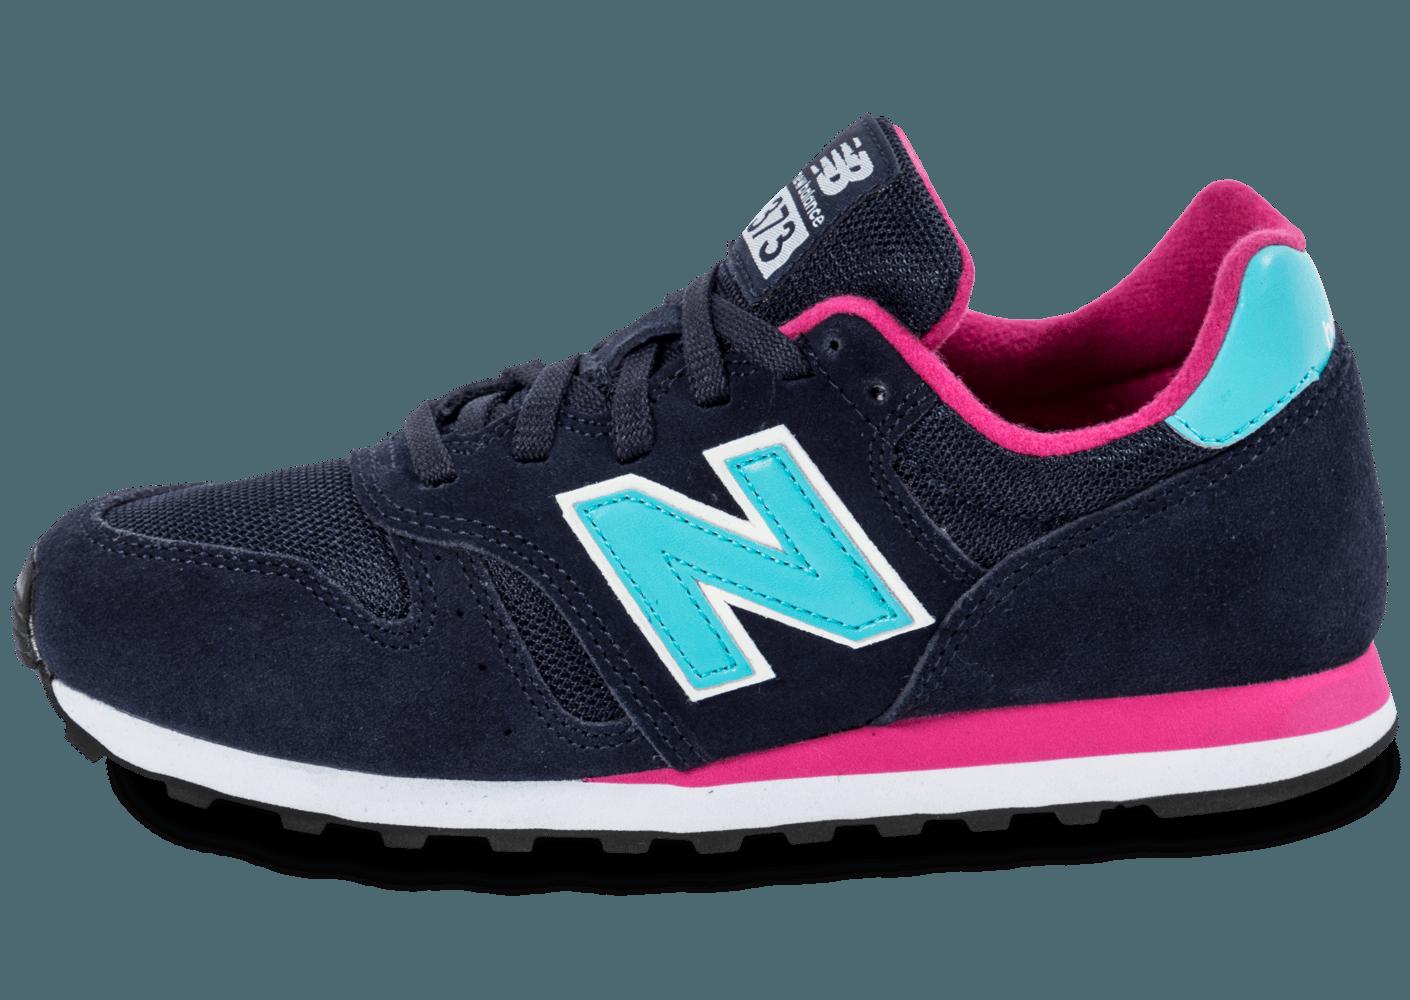 new balance femme bleu et rose